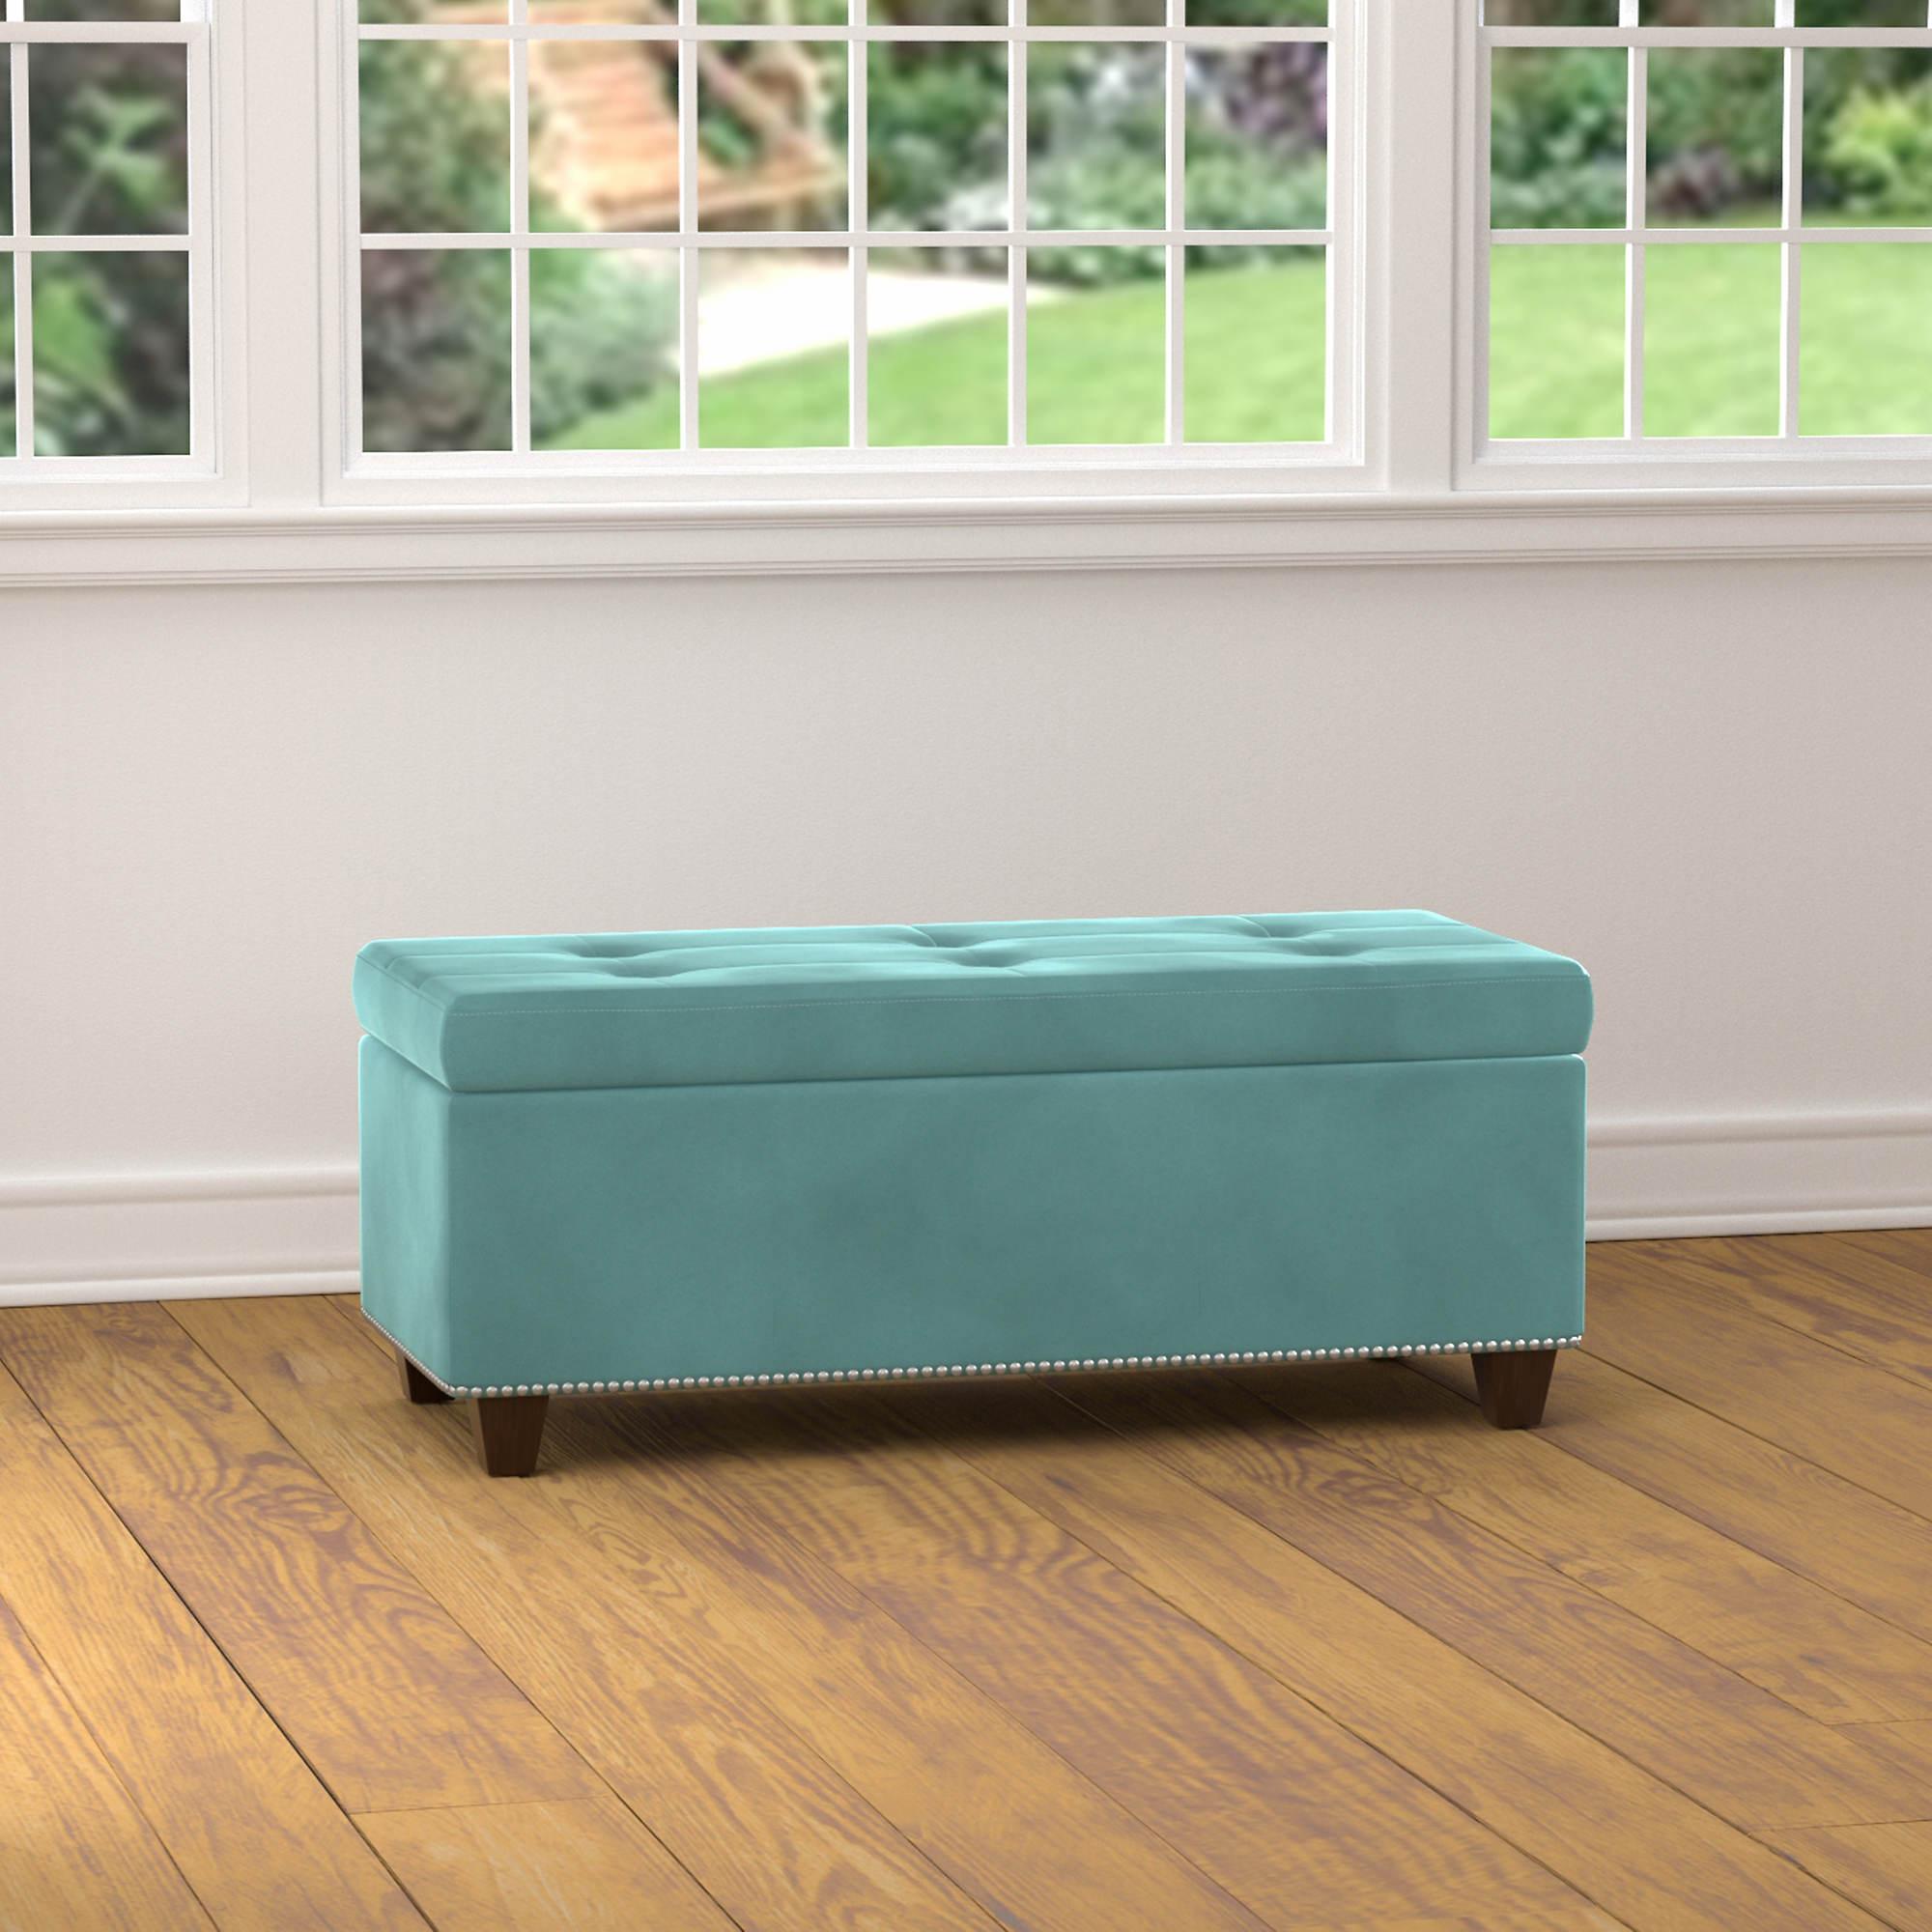 Handy Living Storage Ottoman Bench Turquoise Velvet Bj